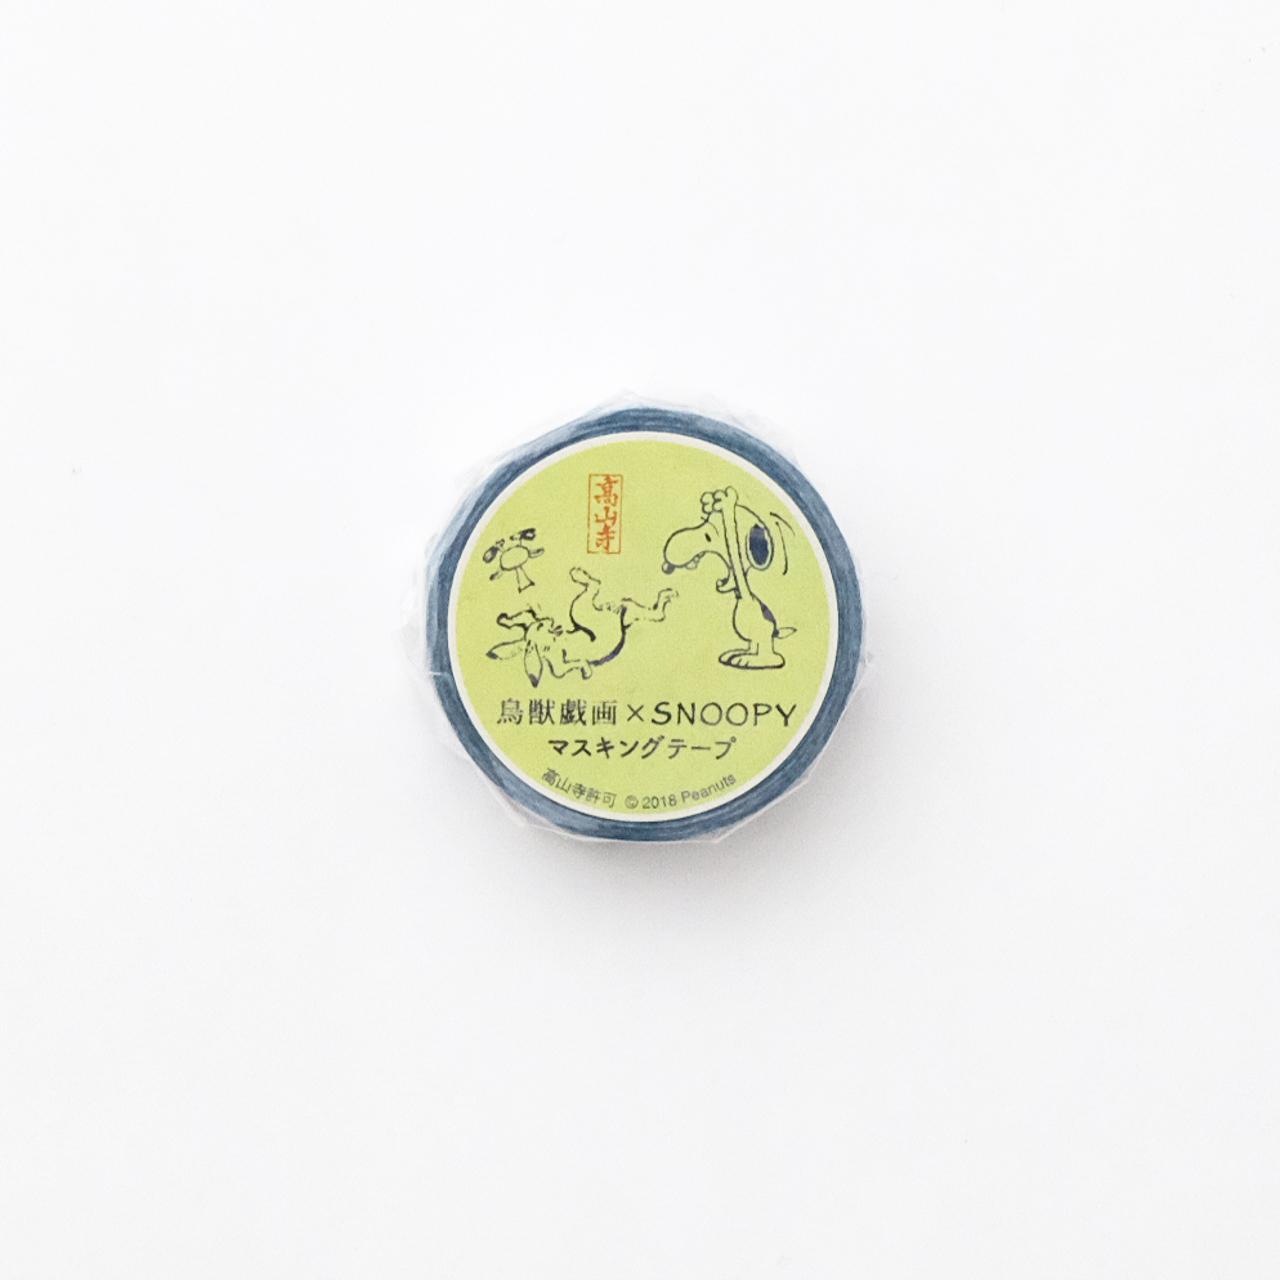 スヌーピー マスキングテープ青 : 緑ラベル 鳥獣戯画